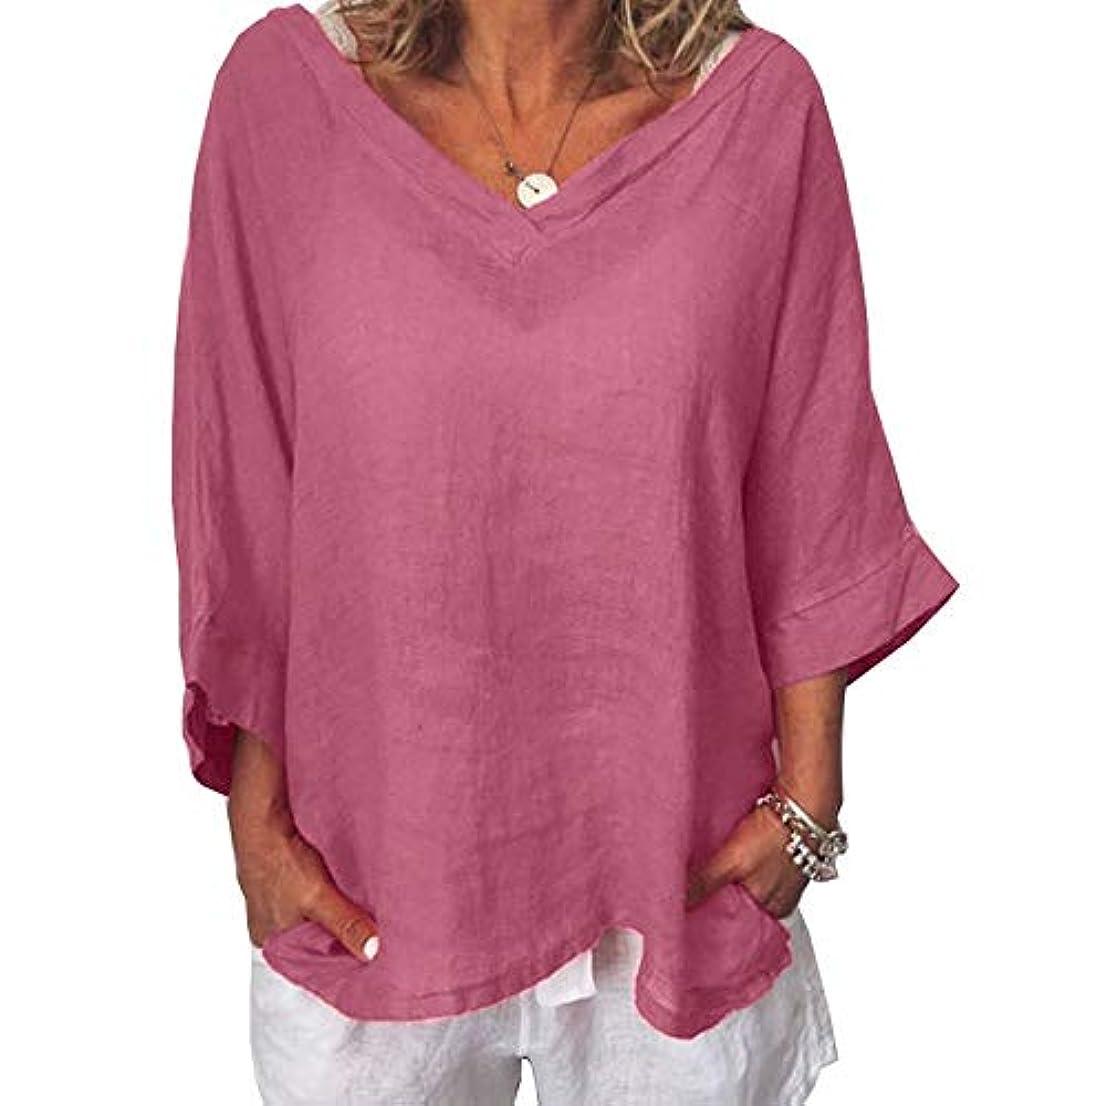 軽減以前は統治可能MIFAN女性ファッションカジュアルVネックトップス無地長袖Tシャツルーズボヘミアンビーチウェア